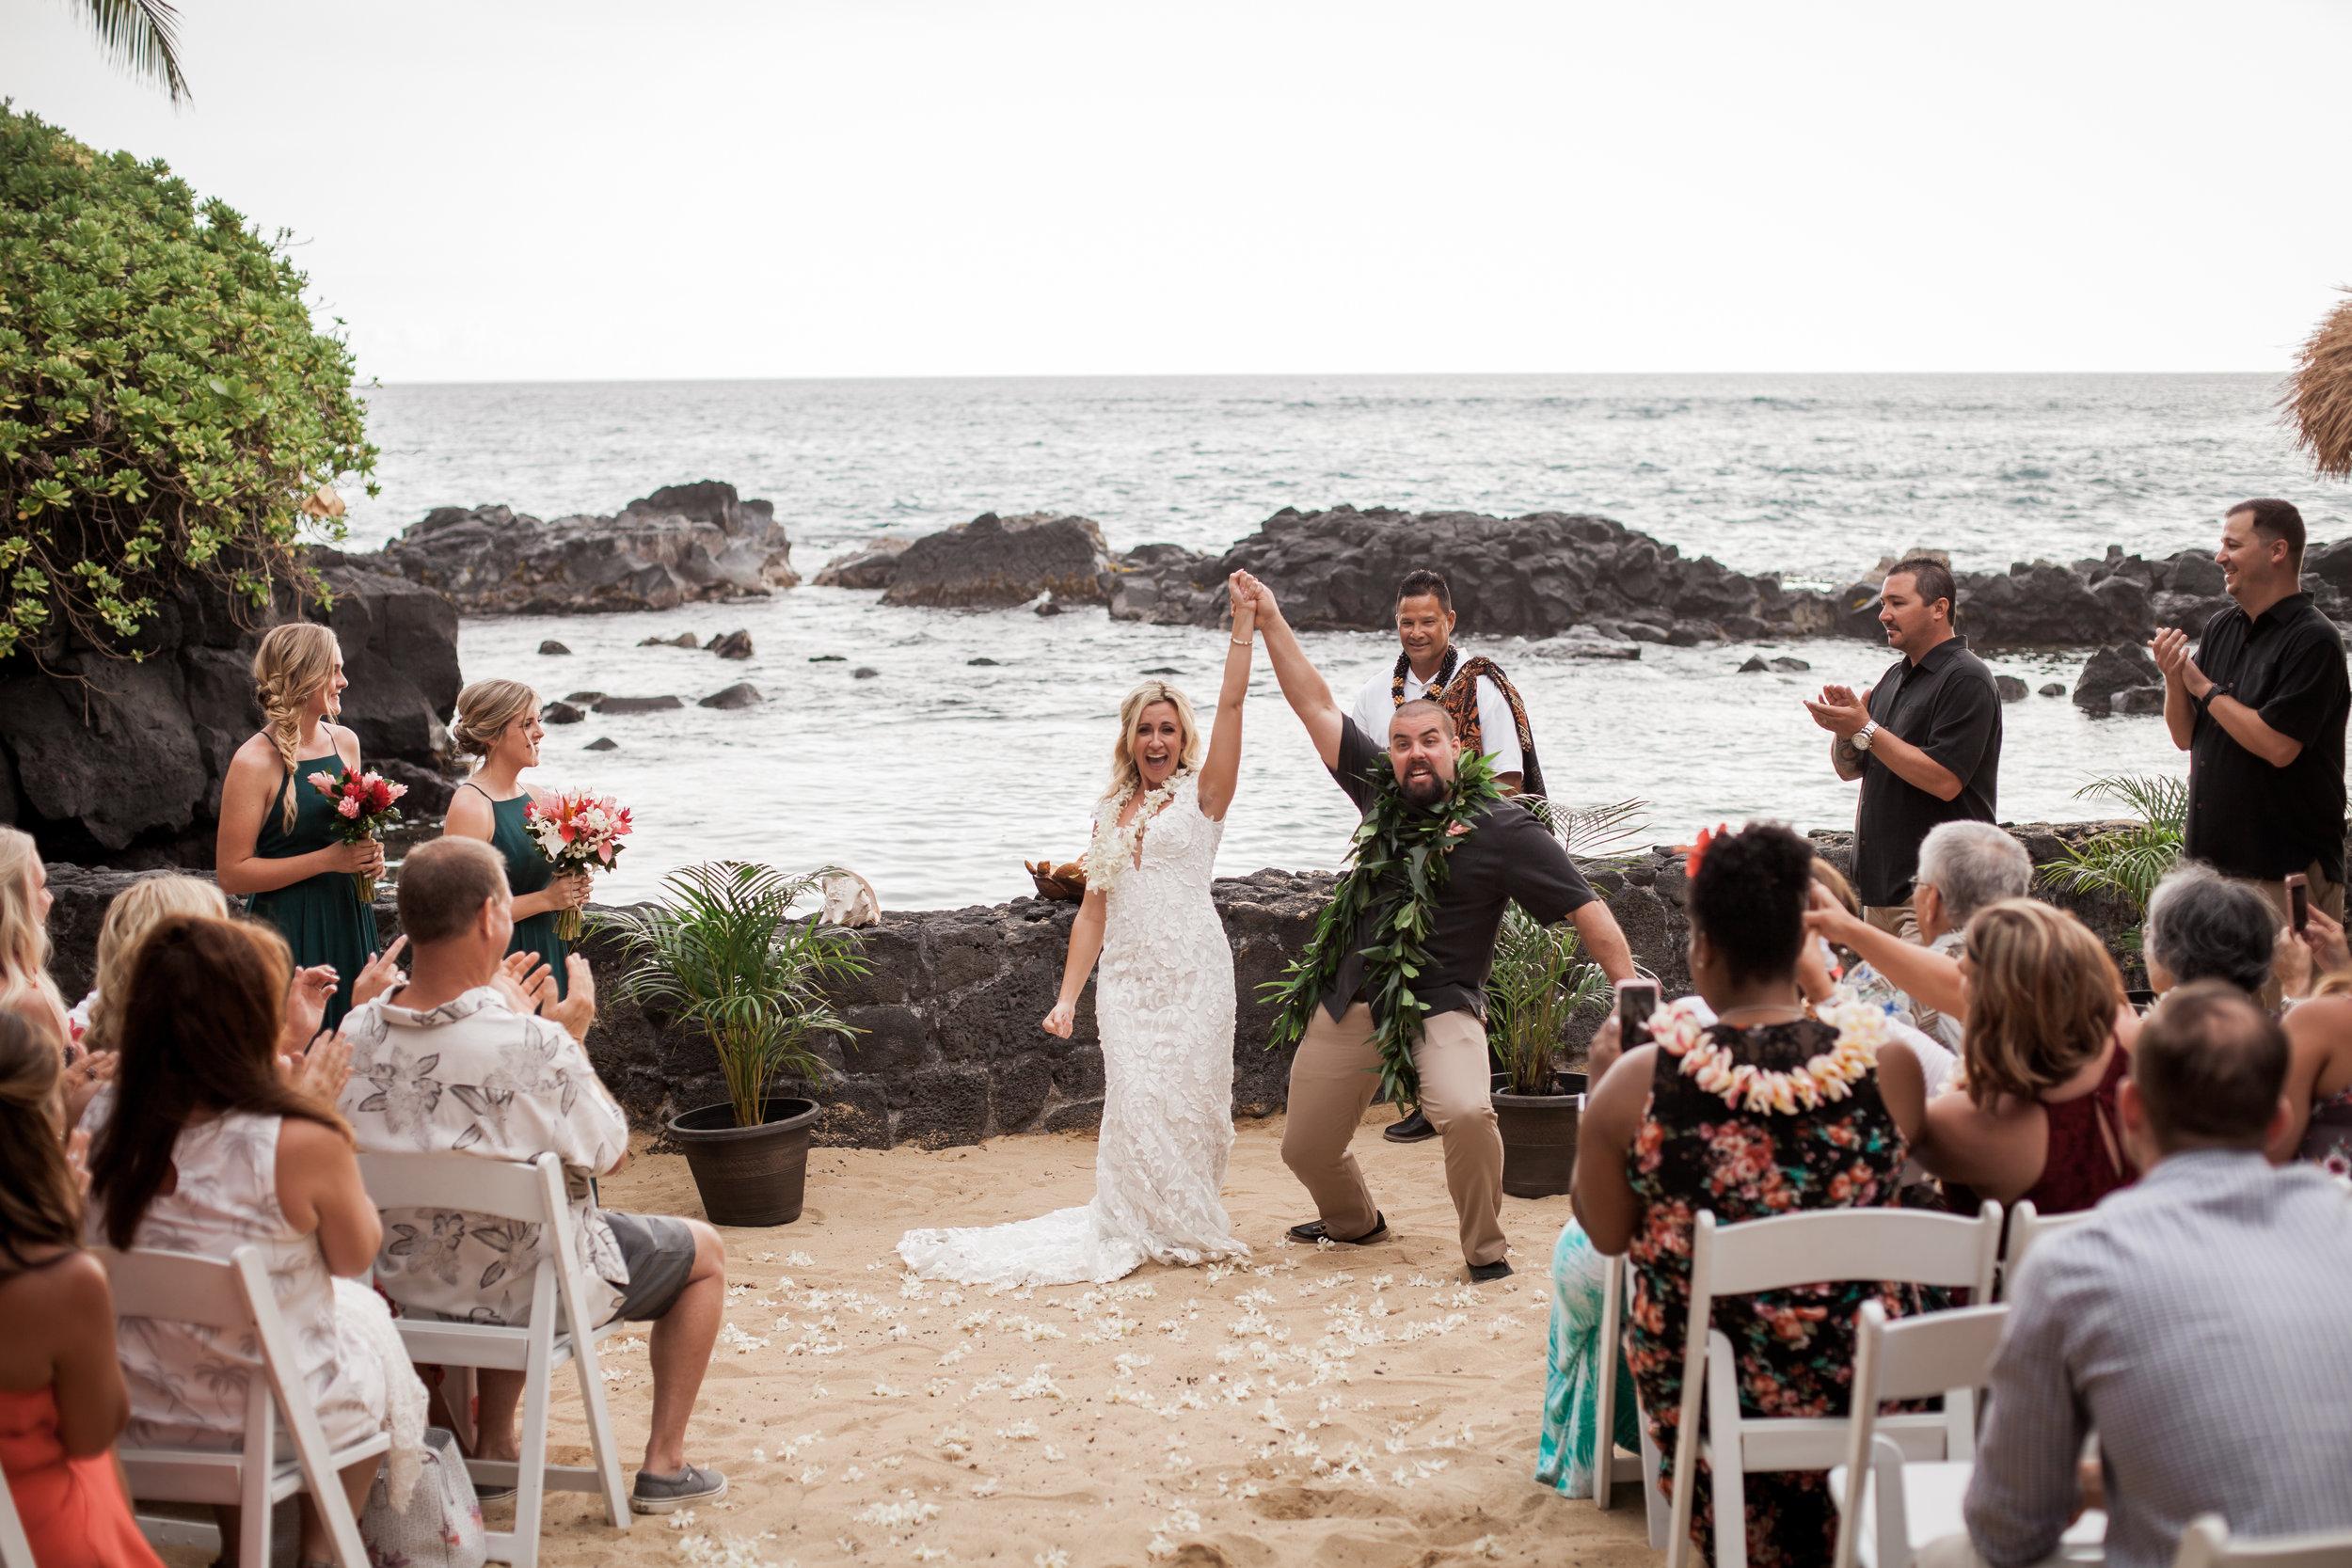 big island hawaii royal kona resort beach wedding © kelilina photography 20170520170354.jpg